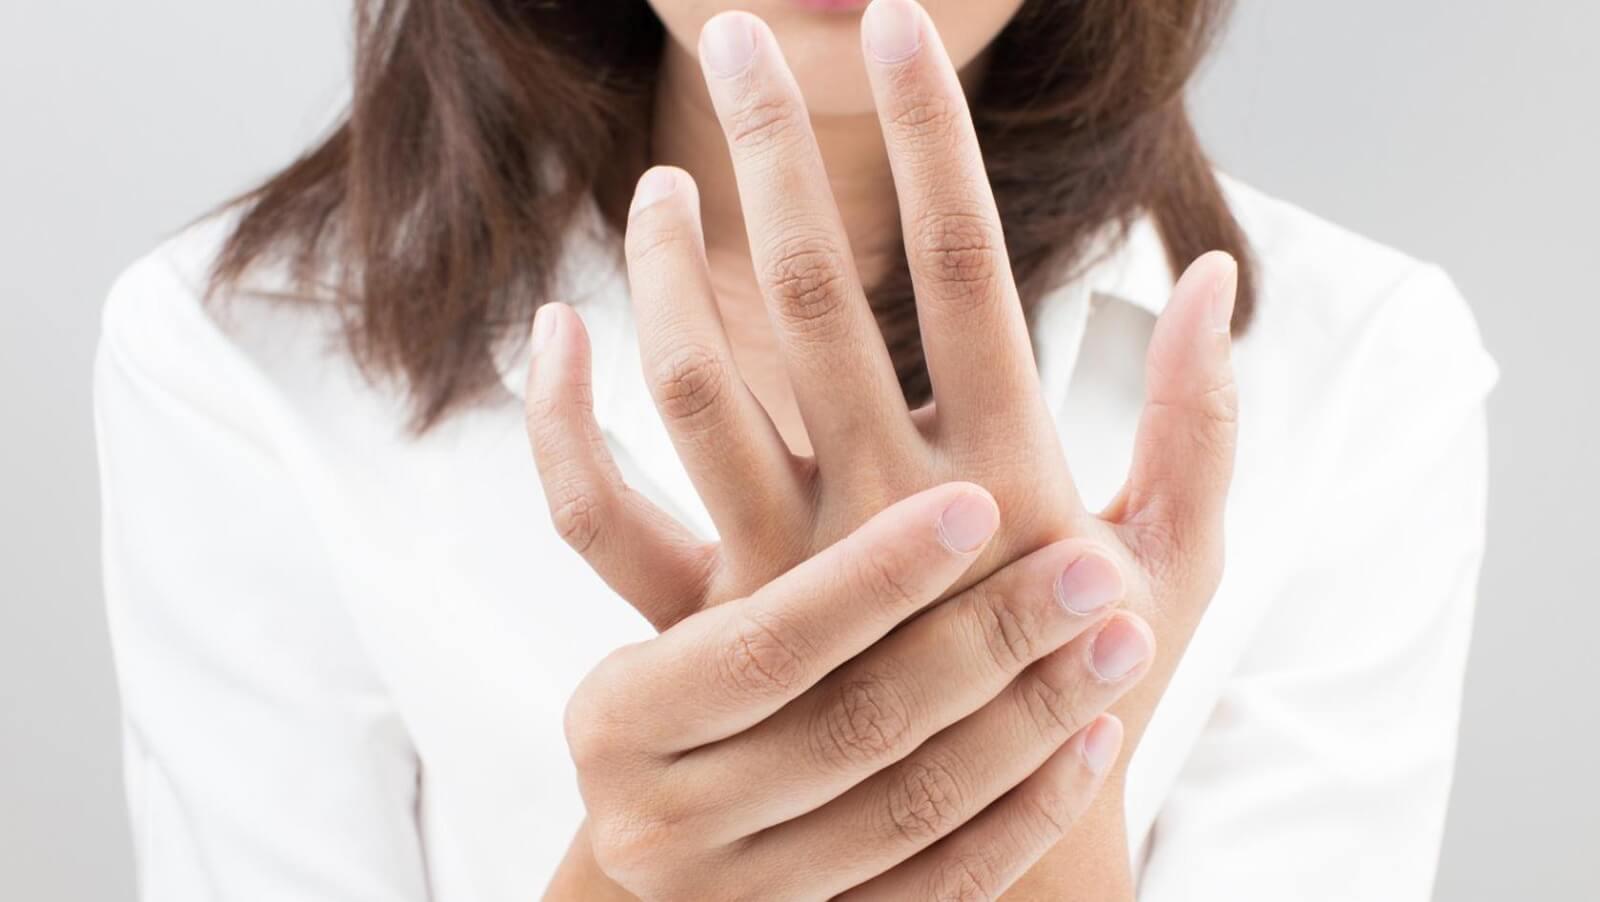 Что такое склеродермия, как она проявляется и лечится?